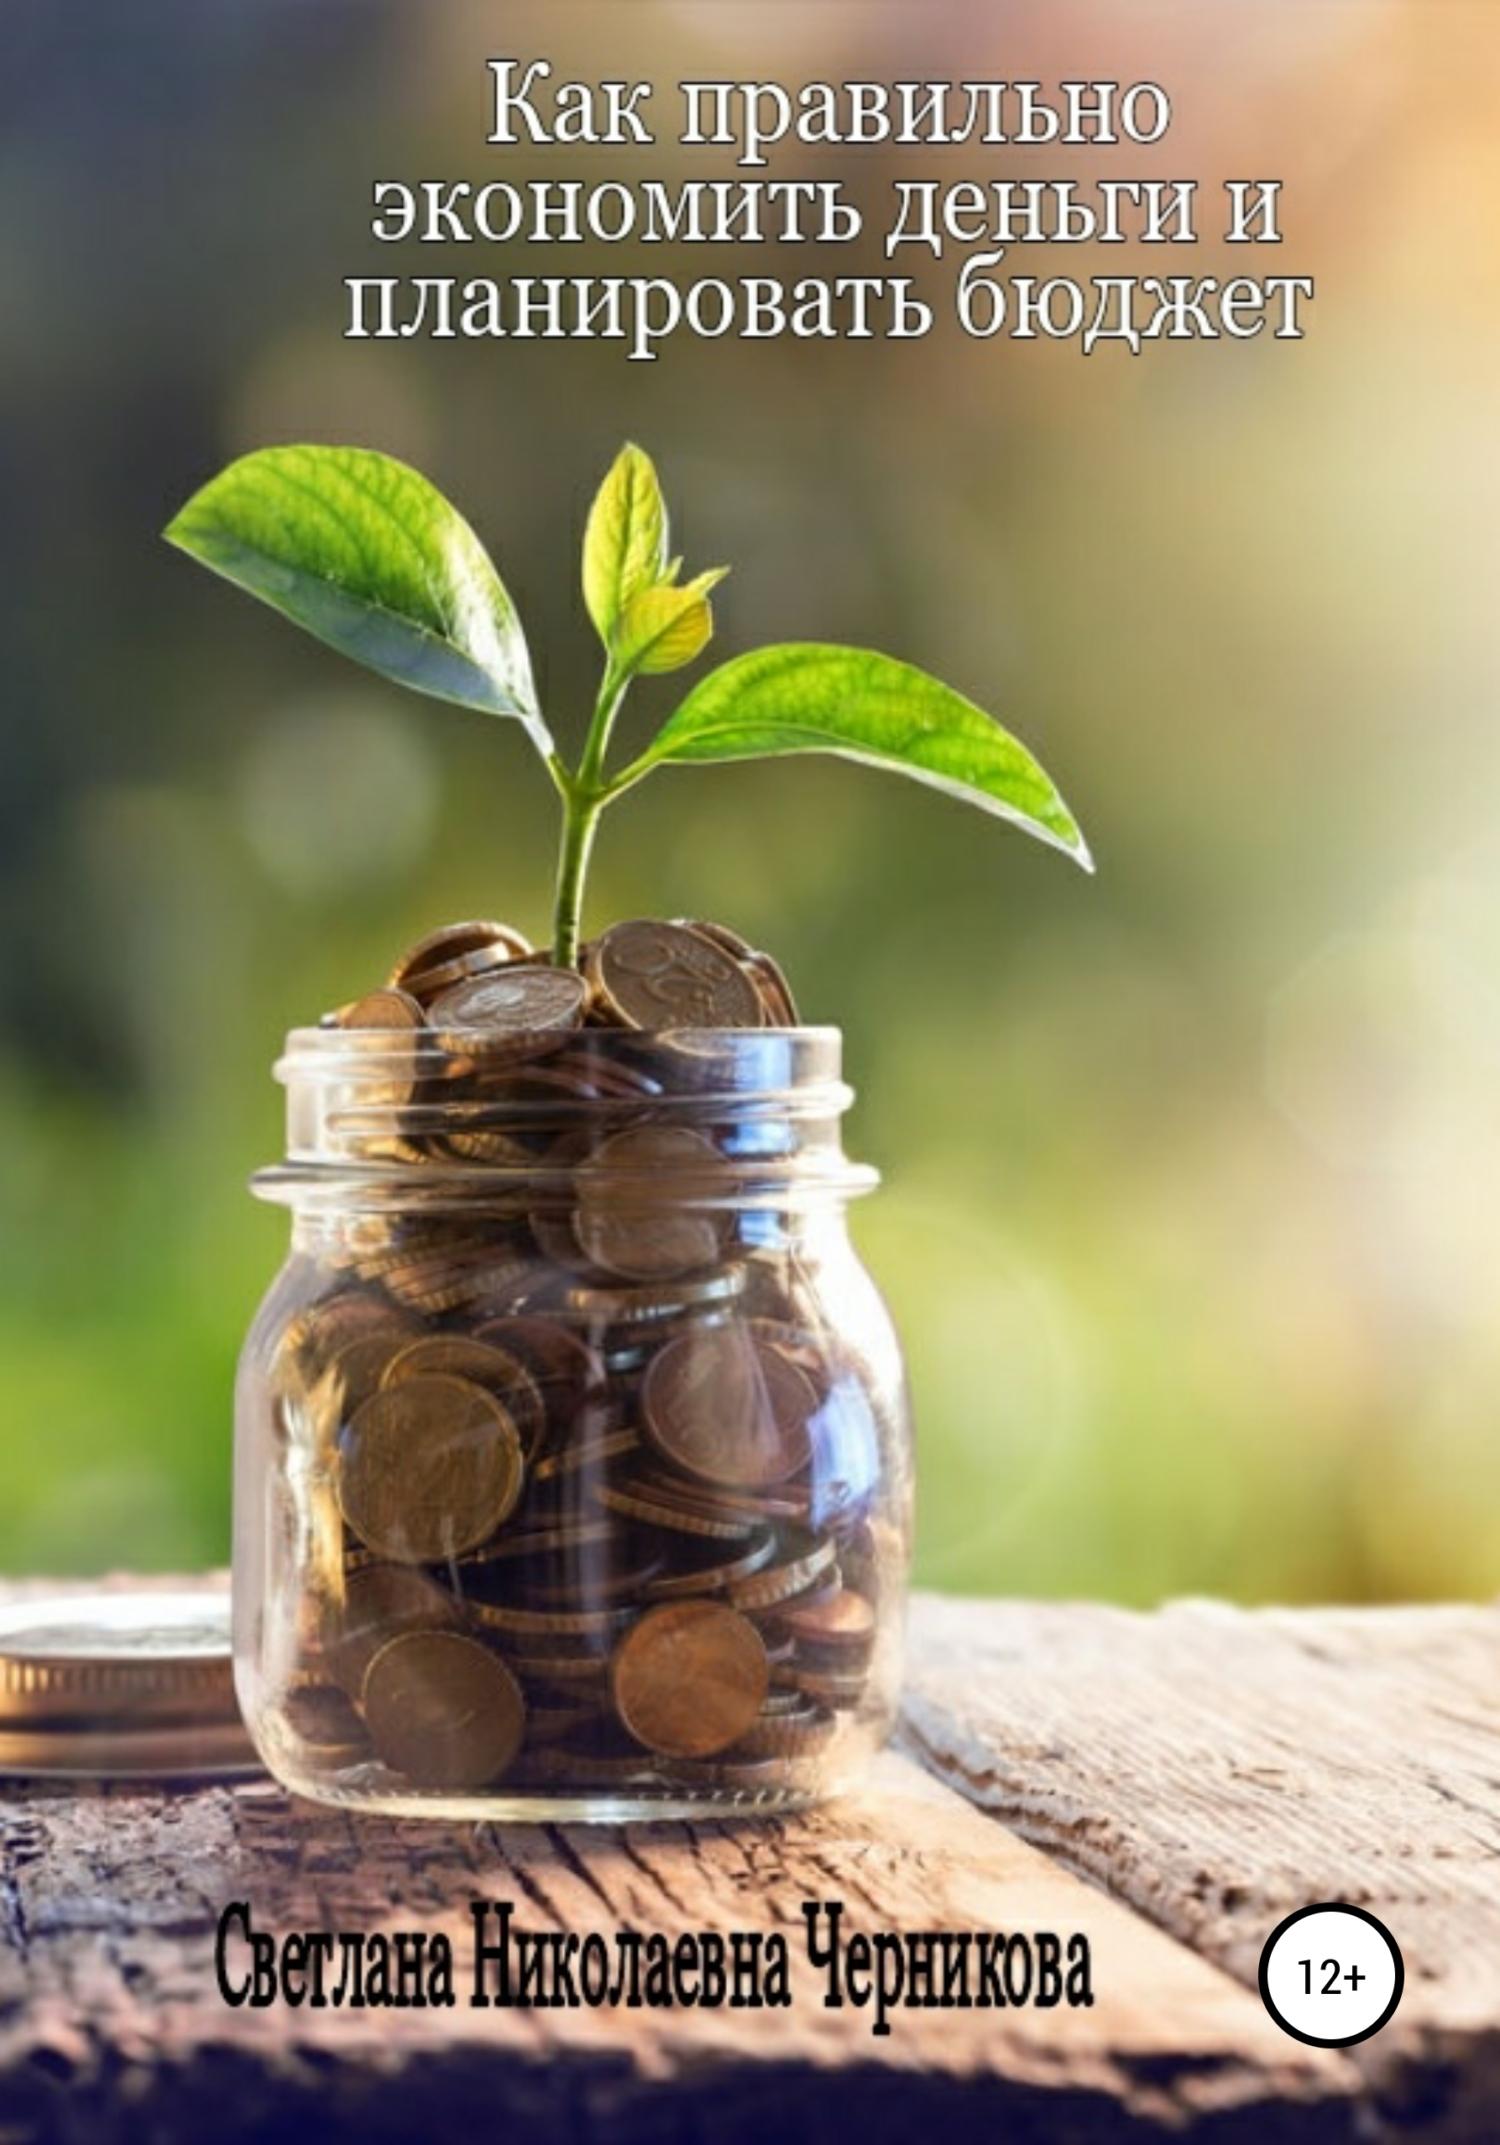 Купить книгу Как правильно экономить деньги и планировать бюджет, автора Светланы Николаевны Черниковой